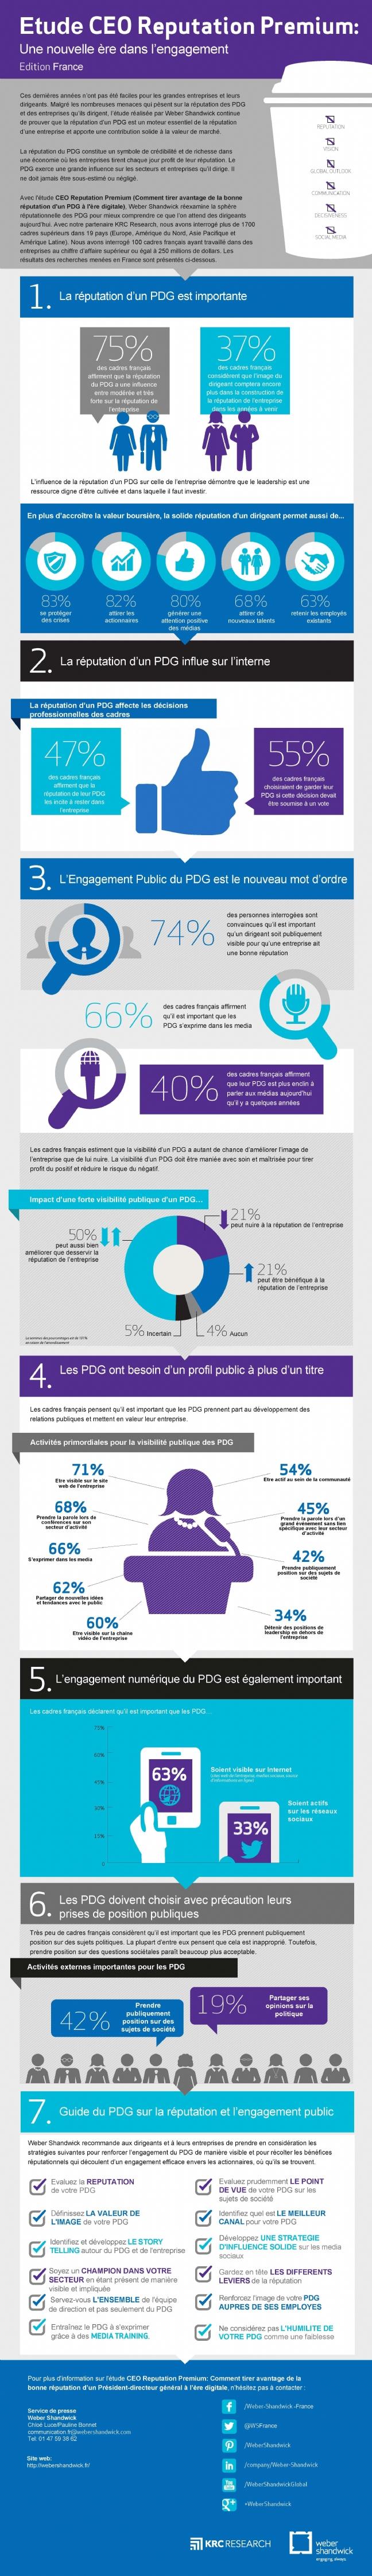 Infographie sur les vertus d'une bonne réputation d'un dirigeant sur l'image de l'entreprise